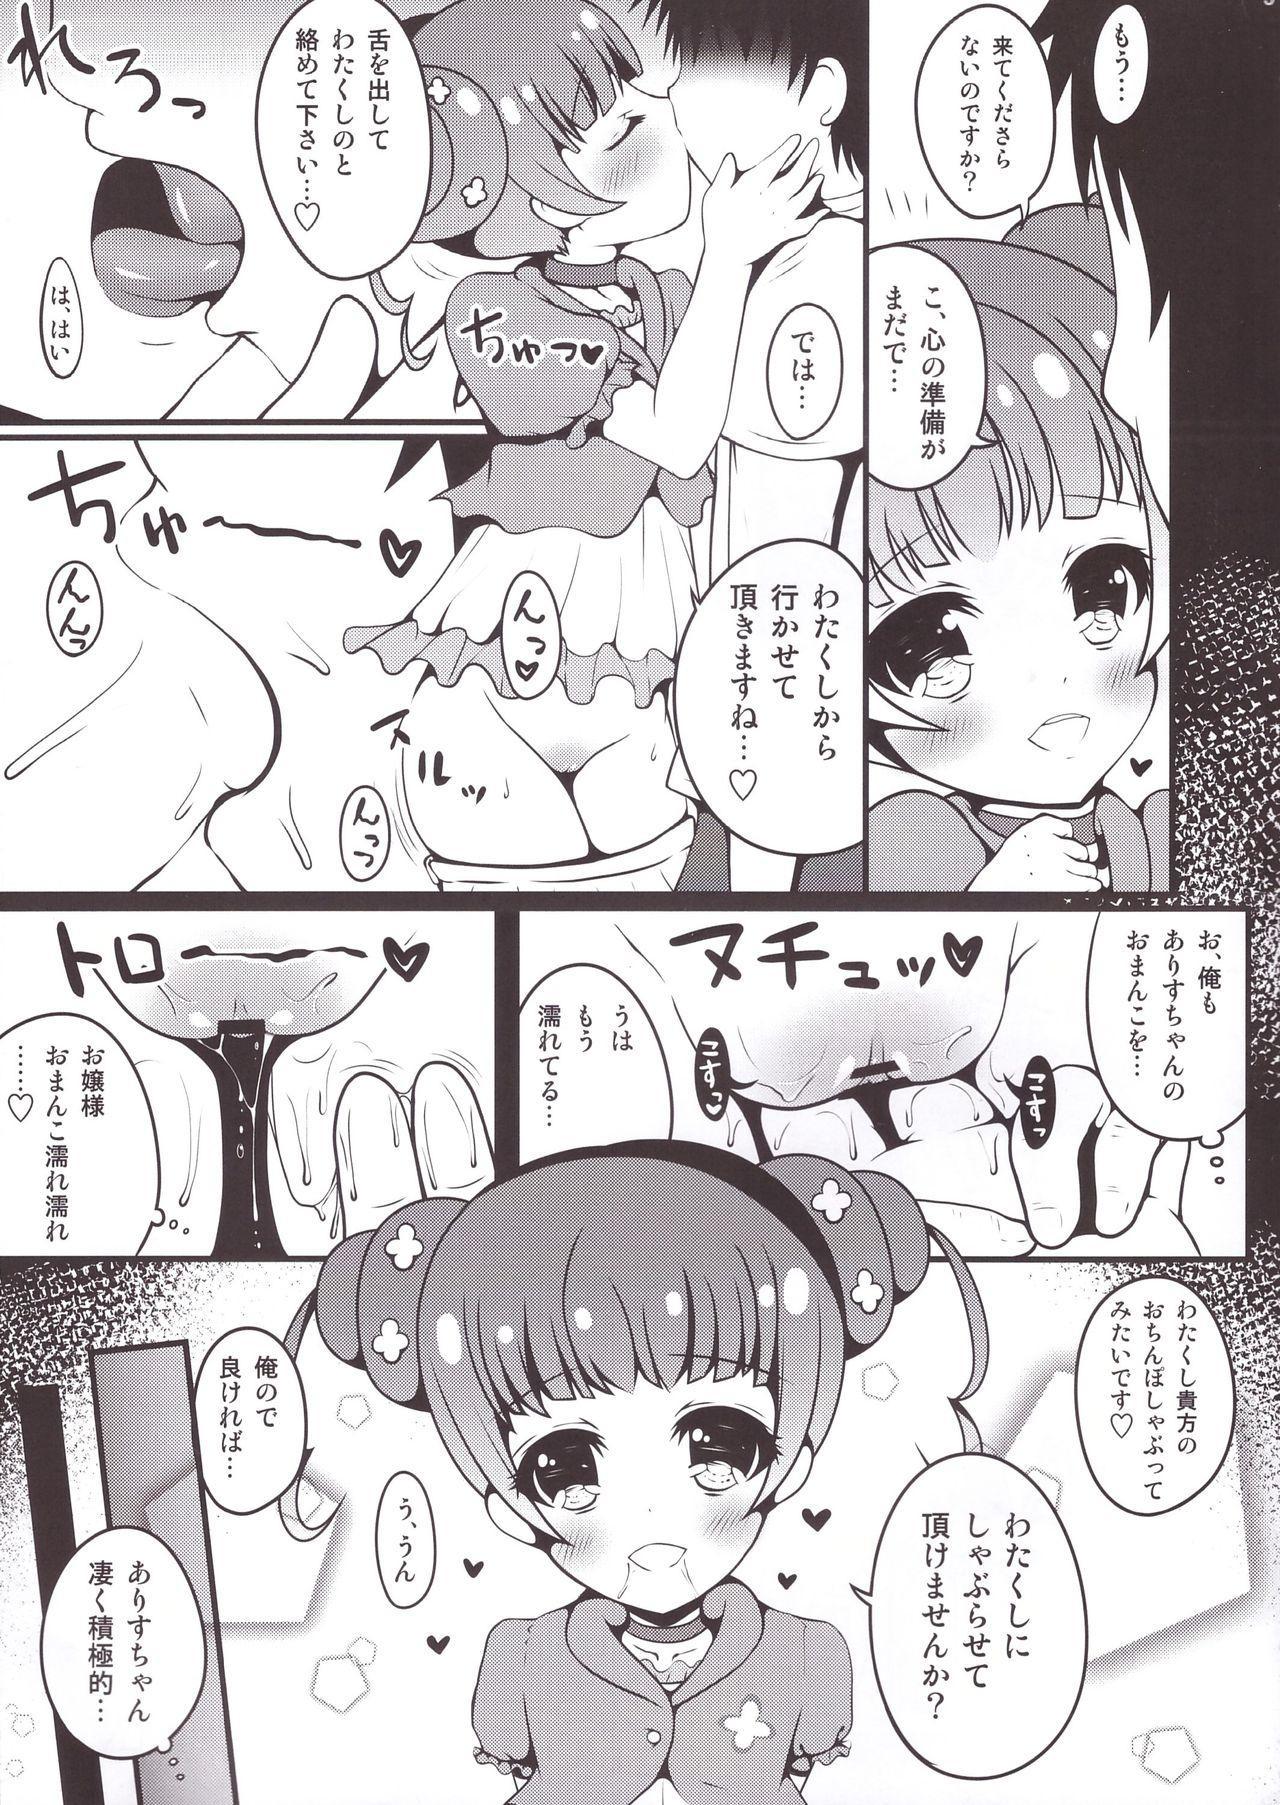 Arisu-chan to dokidoki shitai! 6